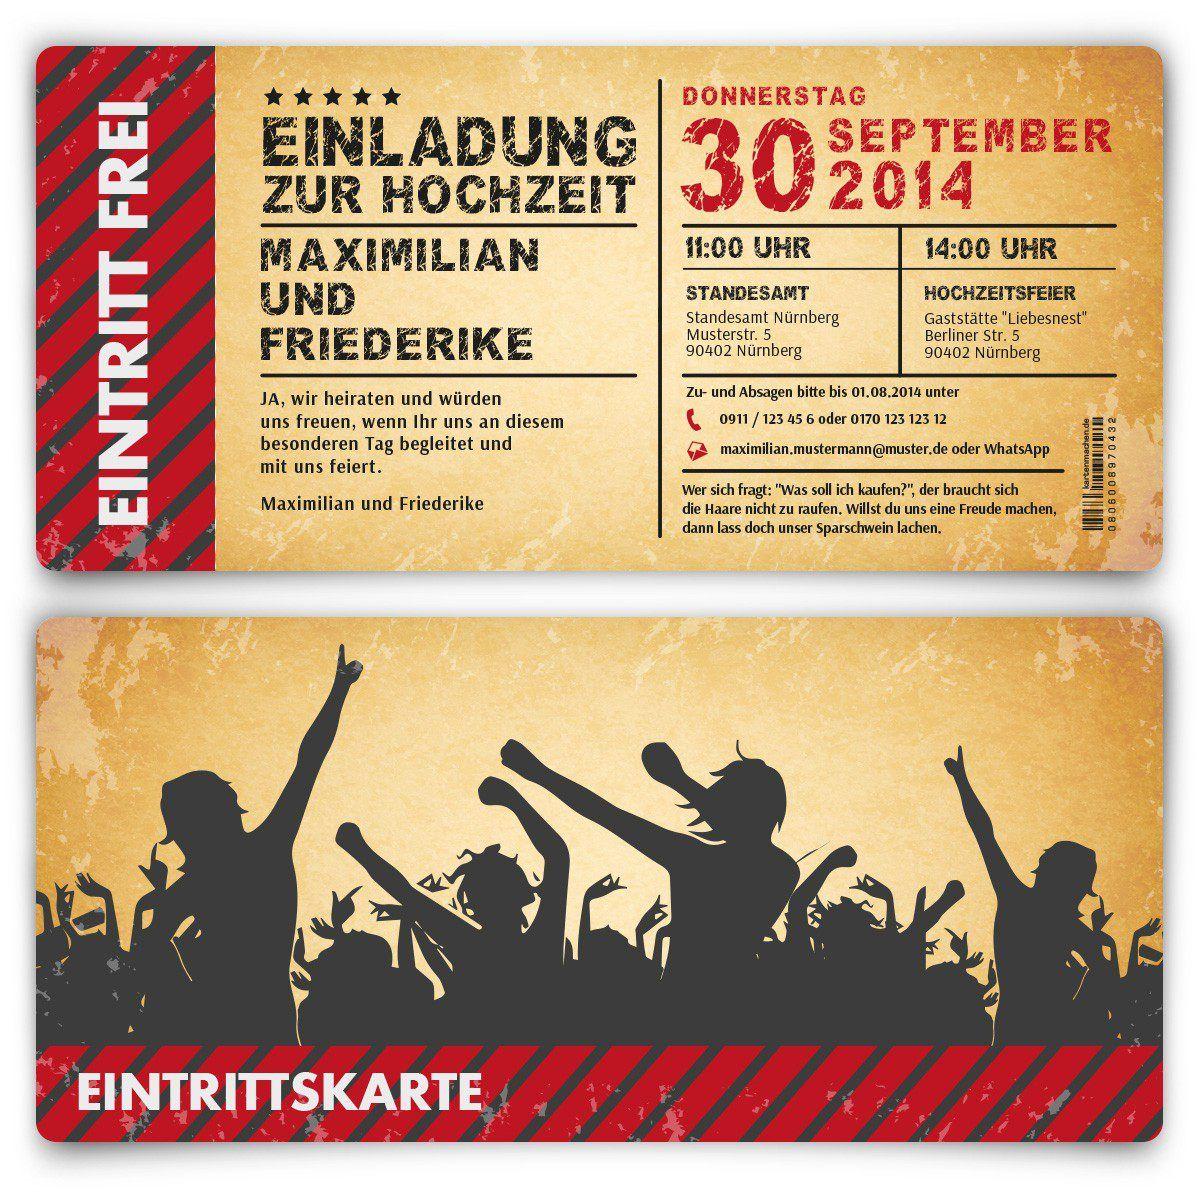 hochzeitskarten-kostenlos-zum-ausdrucken | einladung zum, Einladung